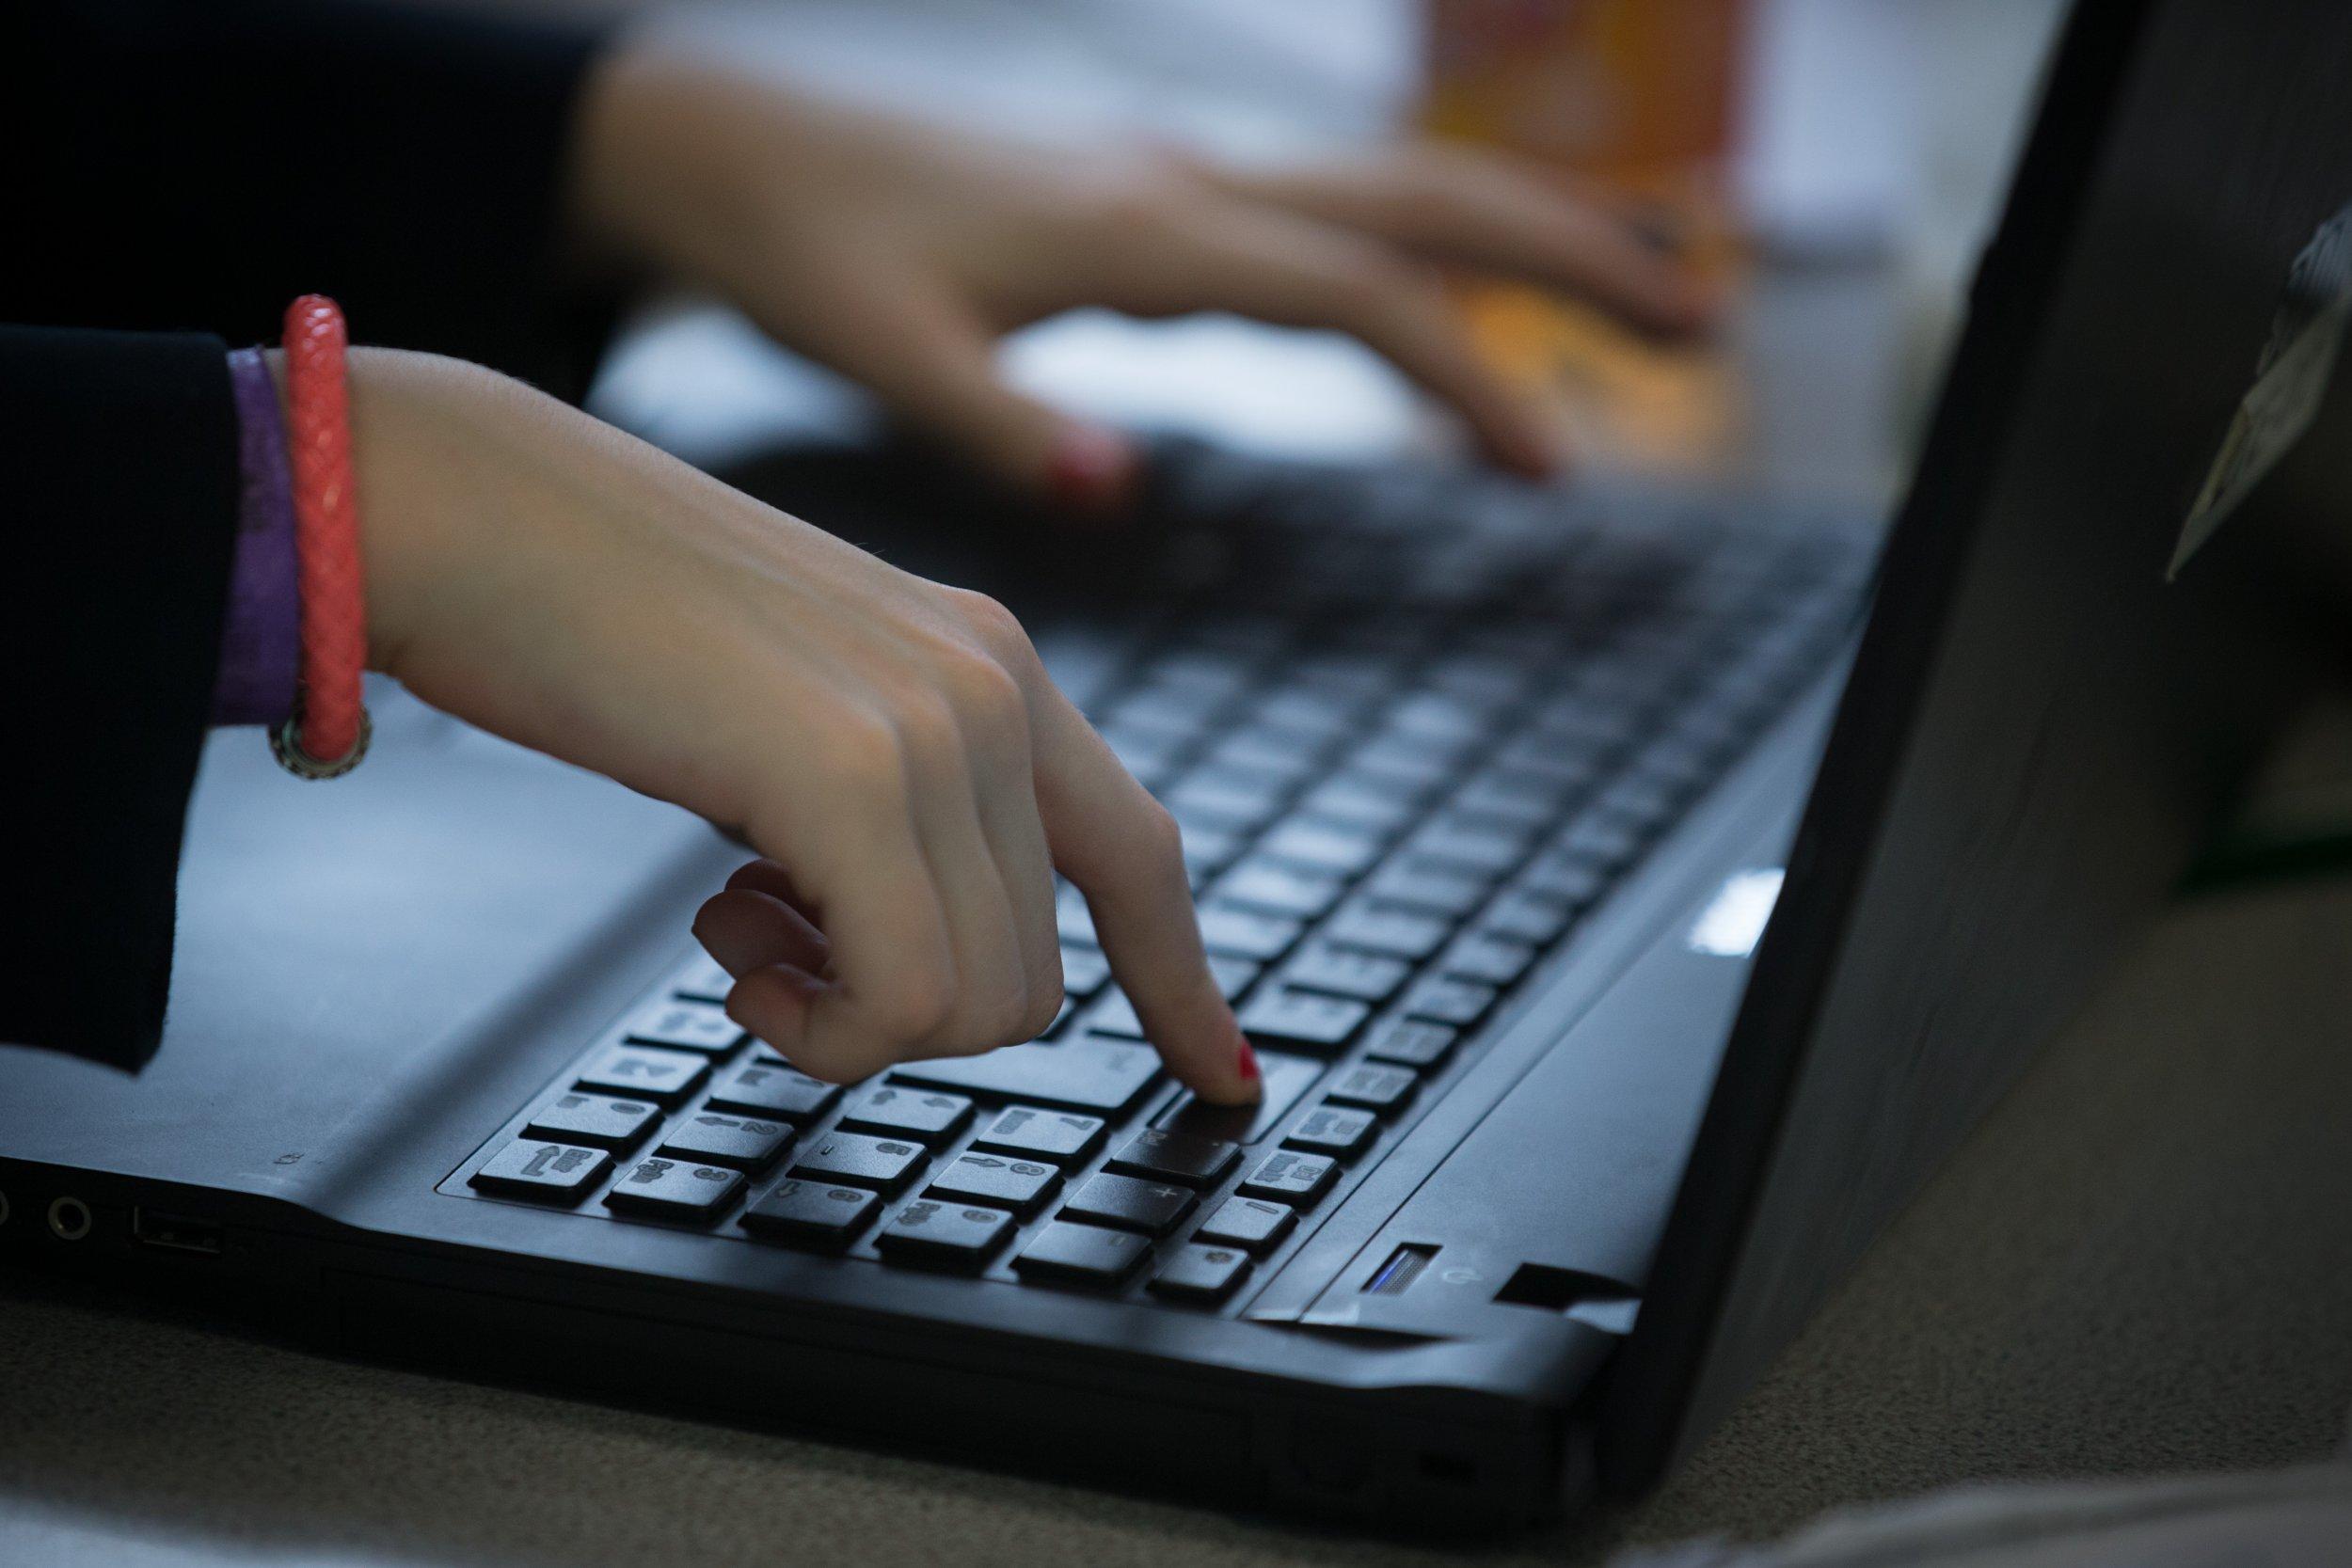 порно онлайн имеграеты в россии